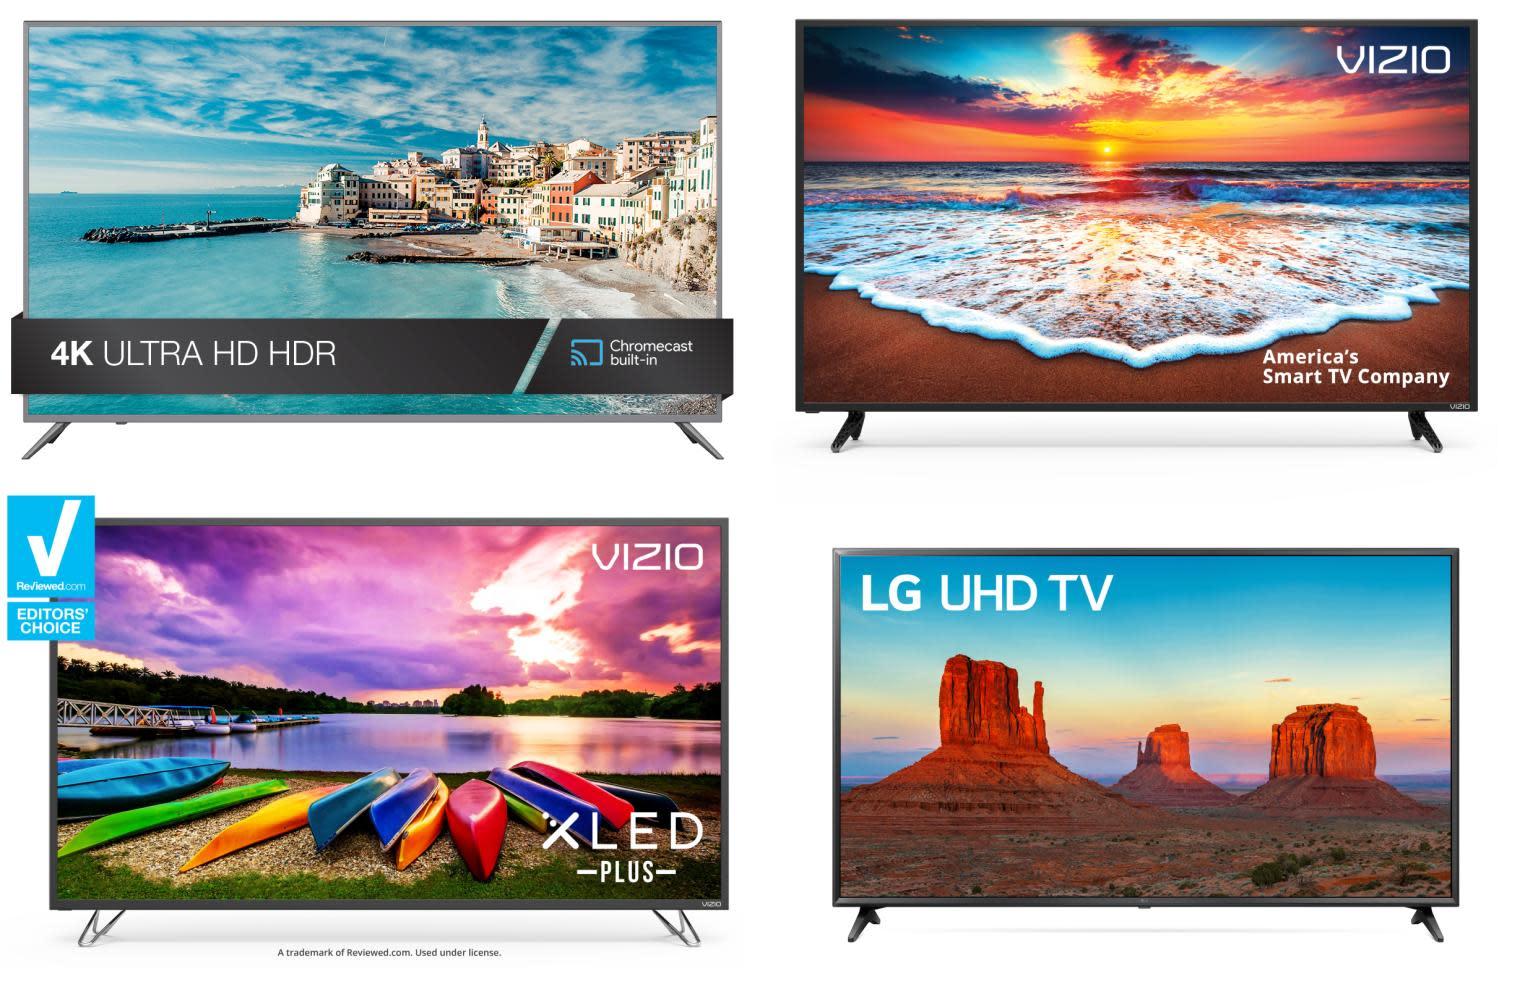 Discount TV Sales & Best TVs On Sale